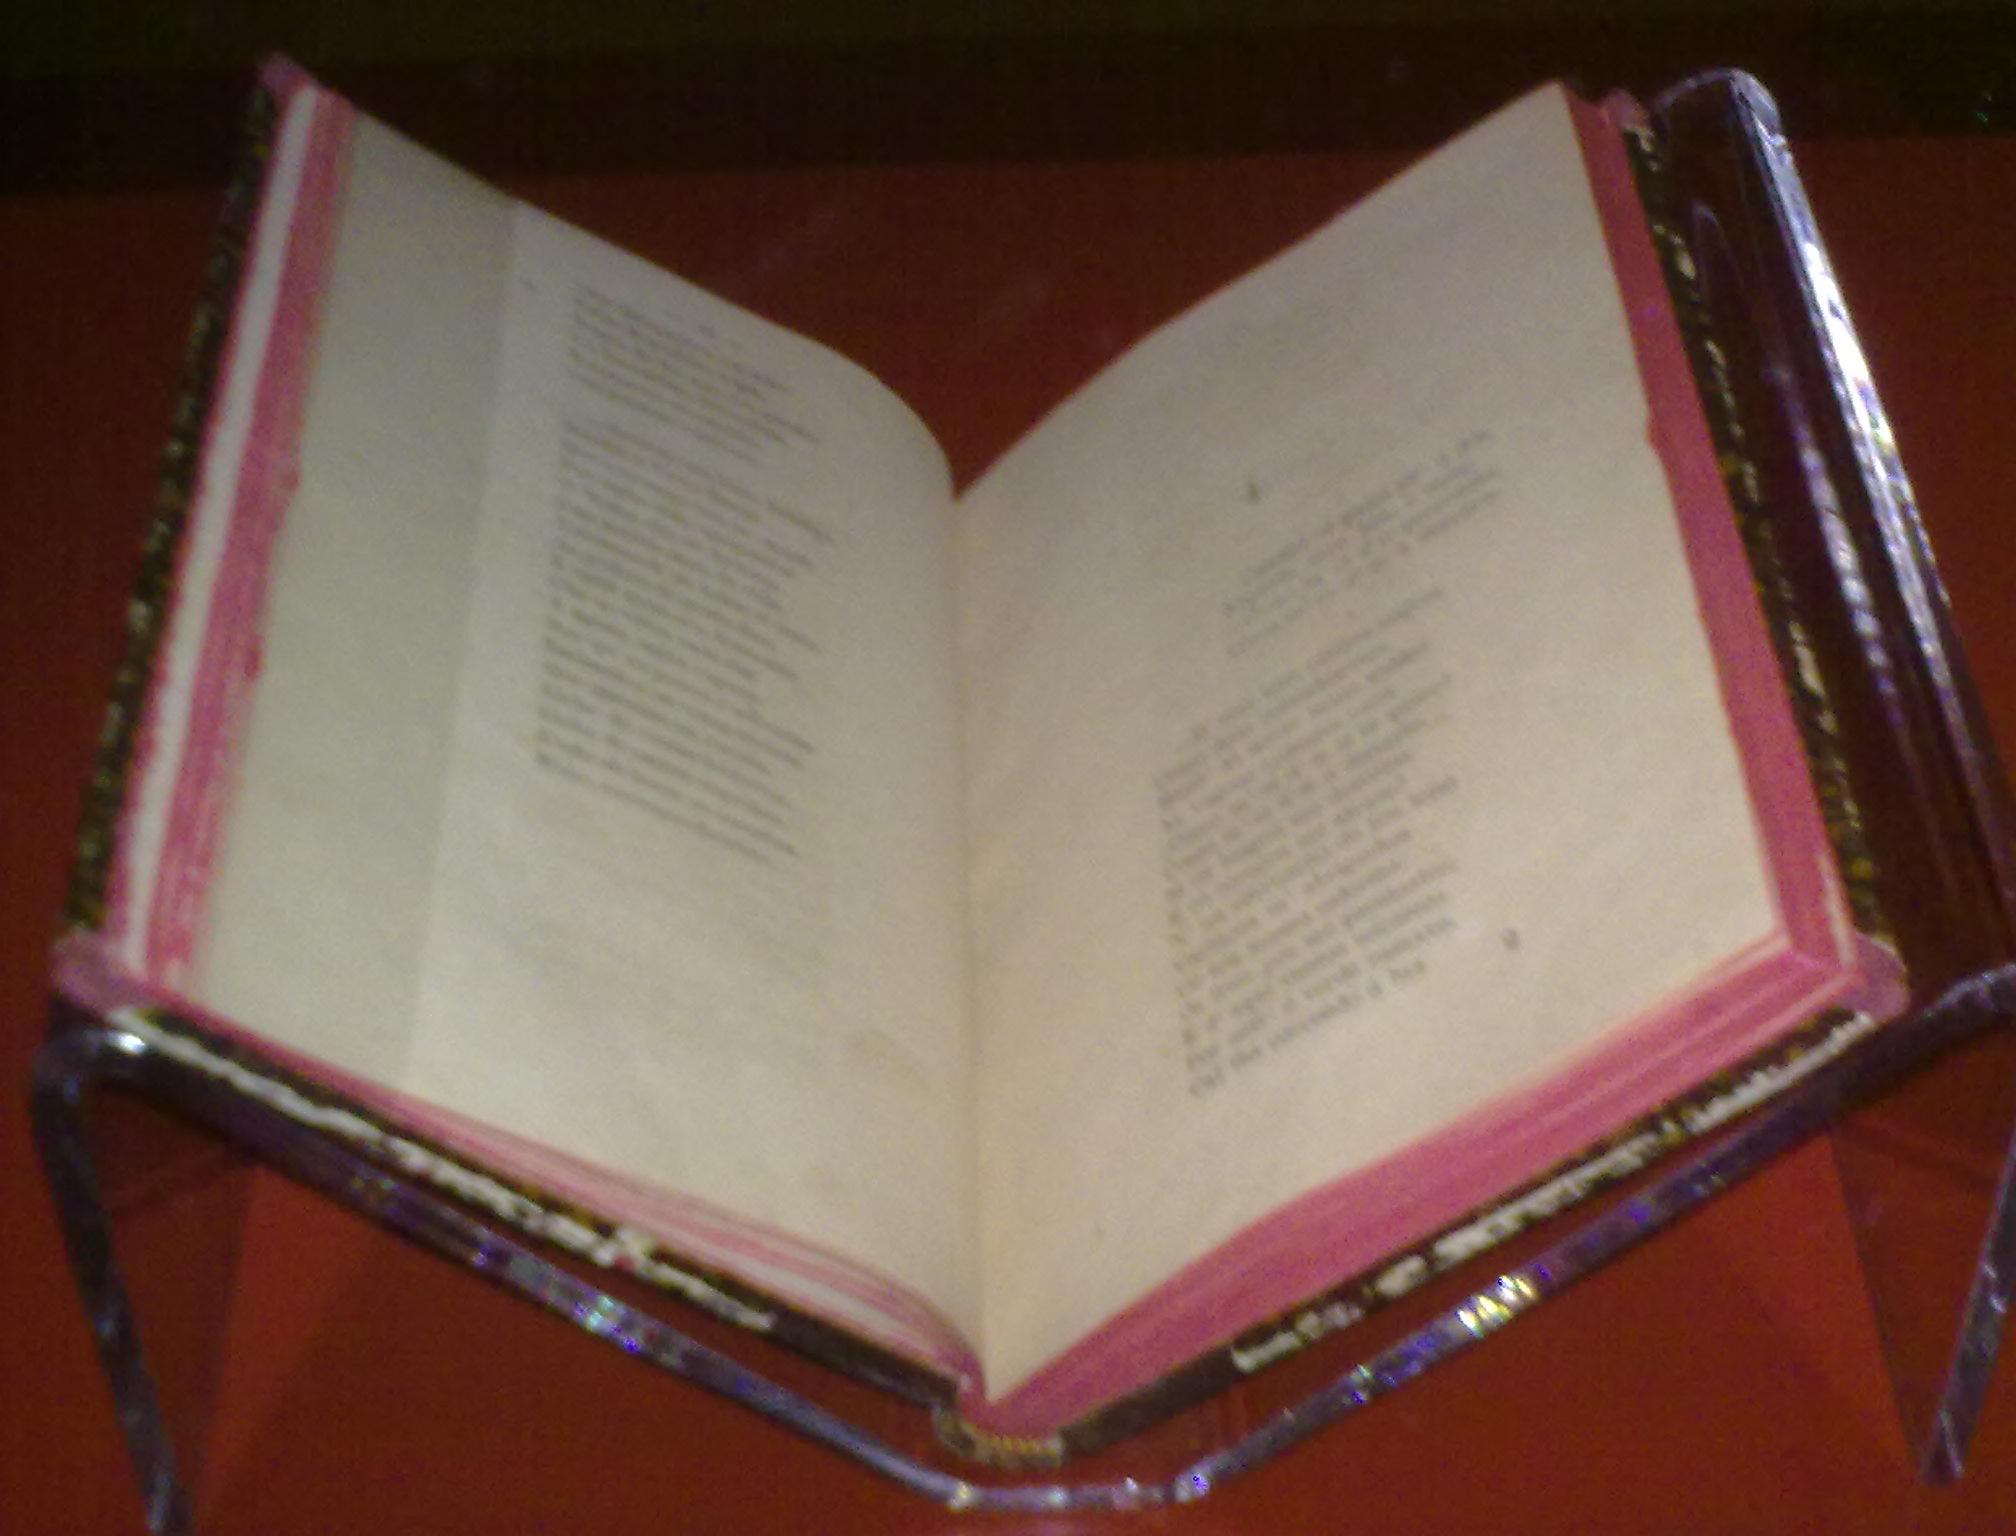 Primera edición de Cantares gallegos, expuesta en la Ciudad de la Cultura de Galicia.